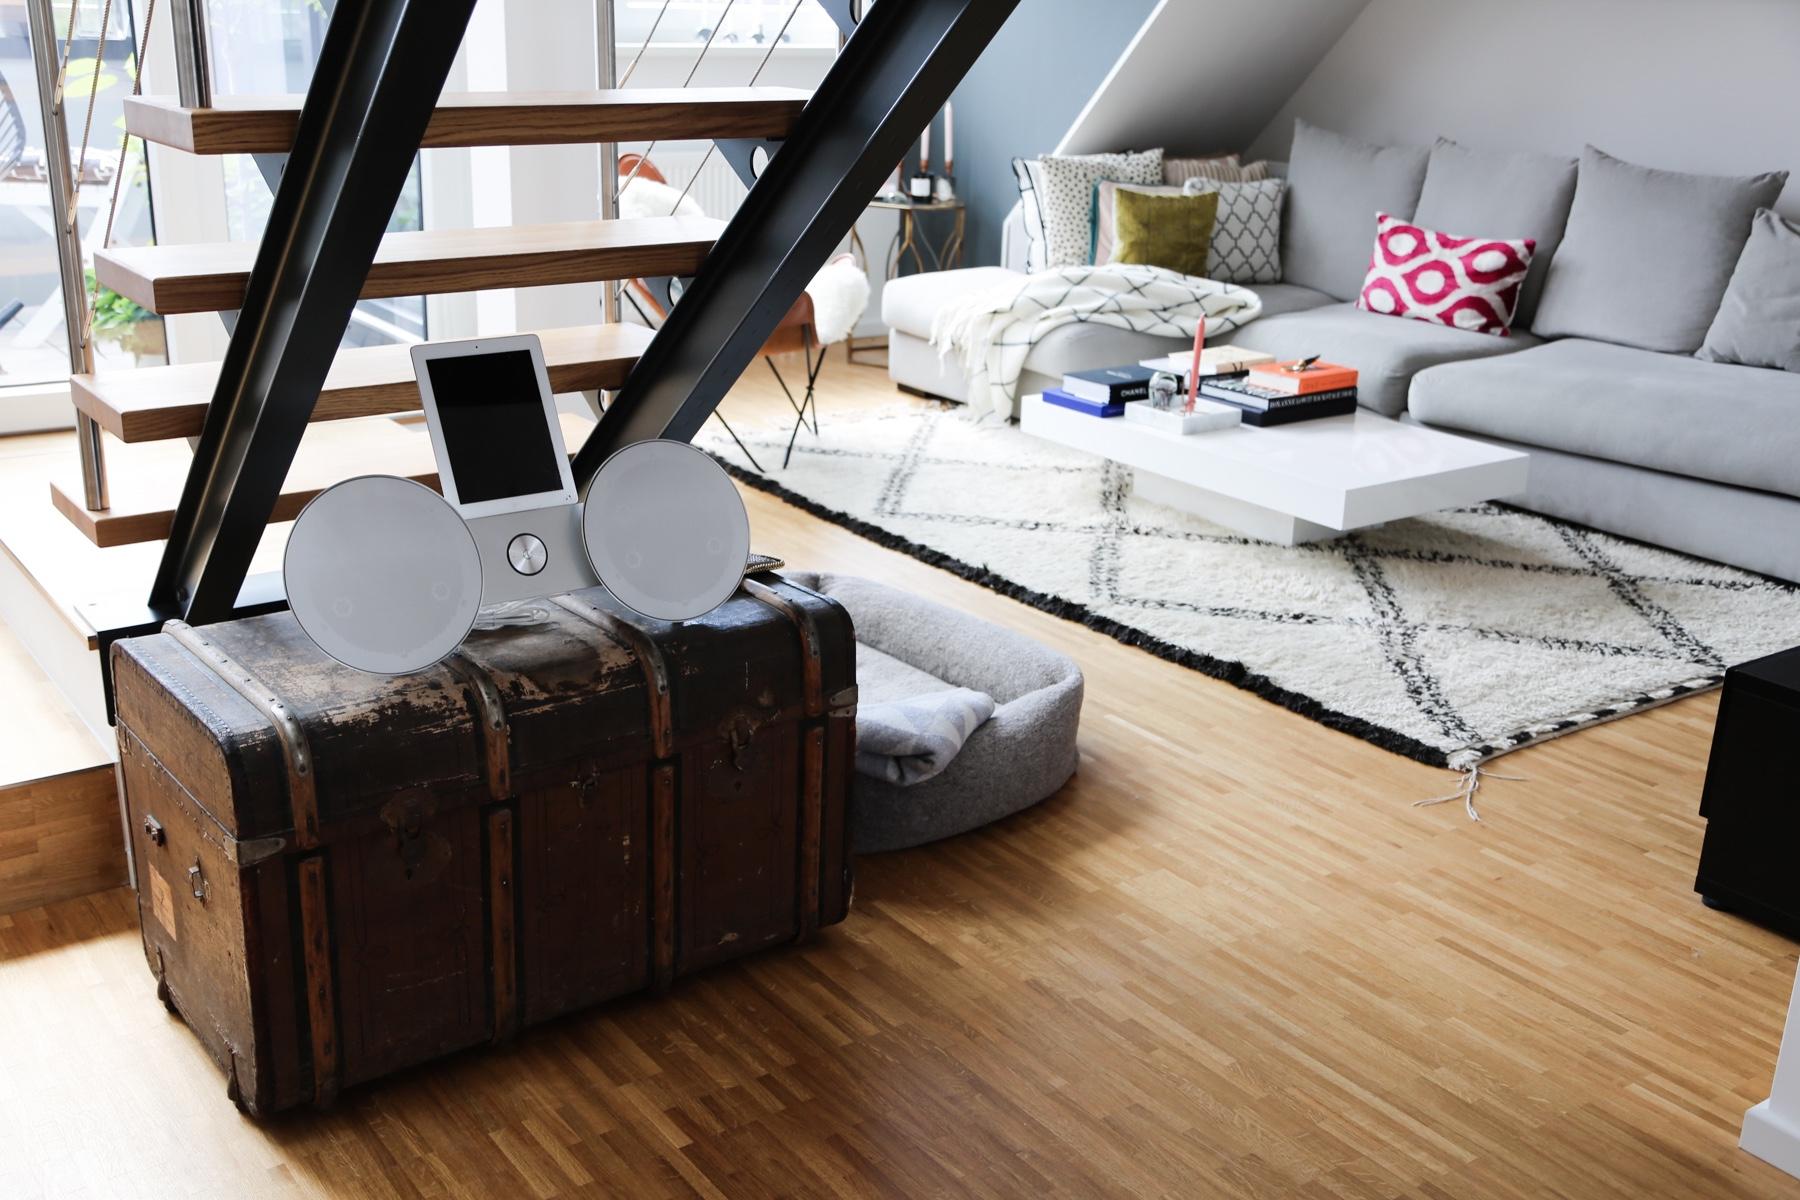 Style-Shiver-Interior-Inspiration-Wohnen-Die-Neue-Maisonette-Wohnung-38